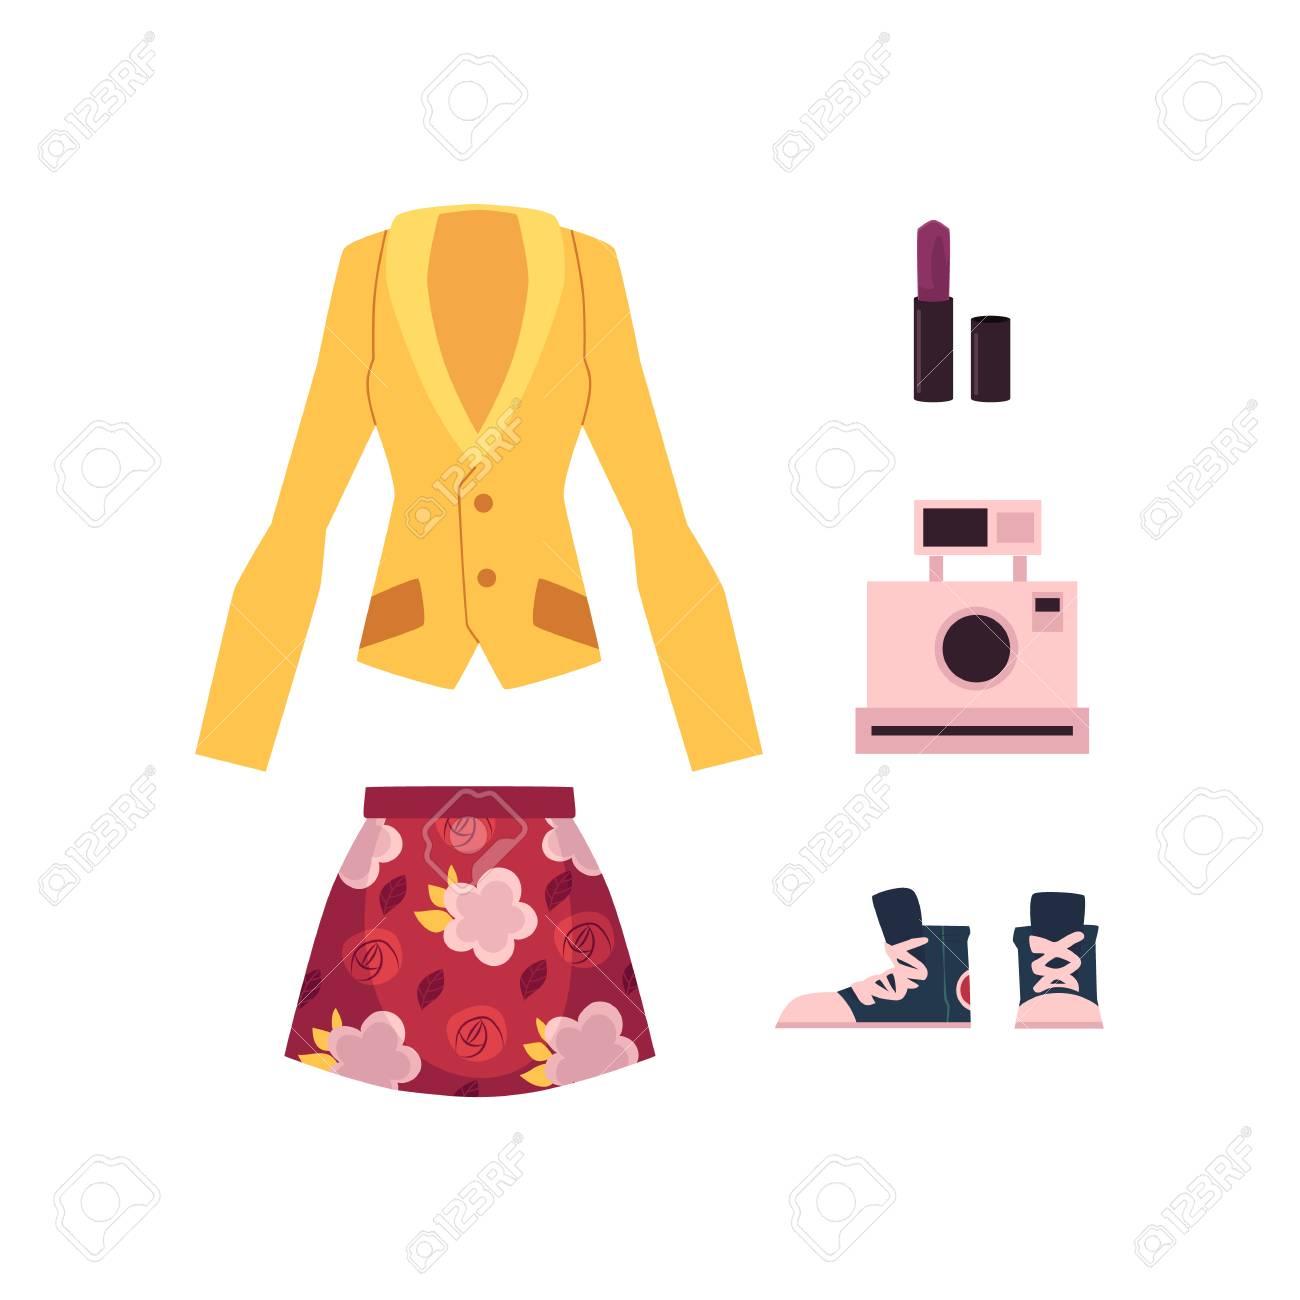 ベクトル フラット女性服アパレル セット。赤花柄スカート、オフィス企業